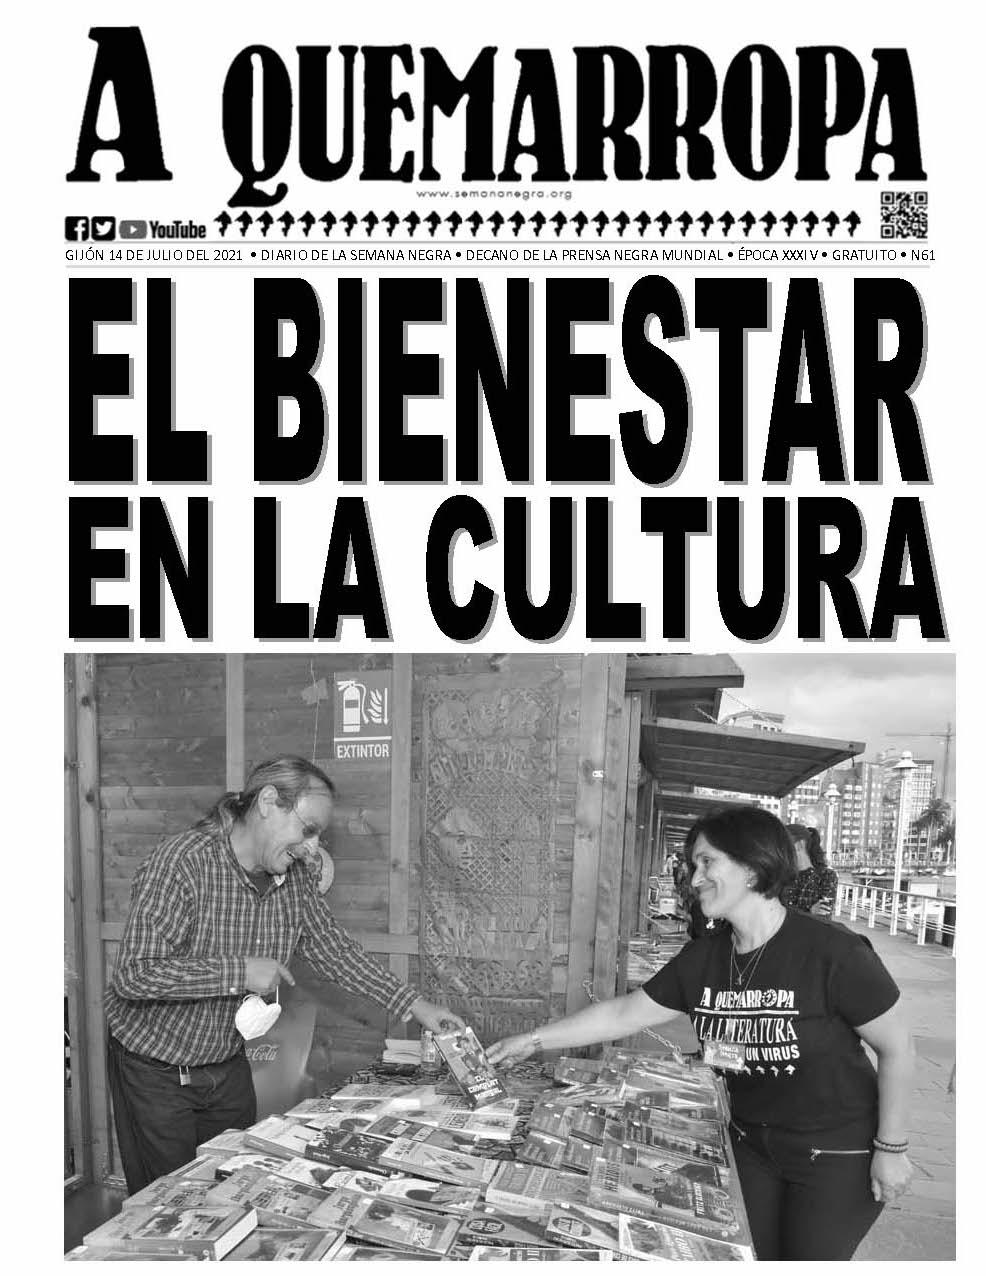 A Quemarropa, Semana de Gijón 2021